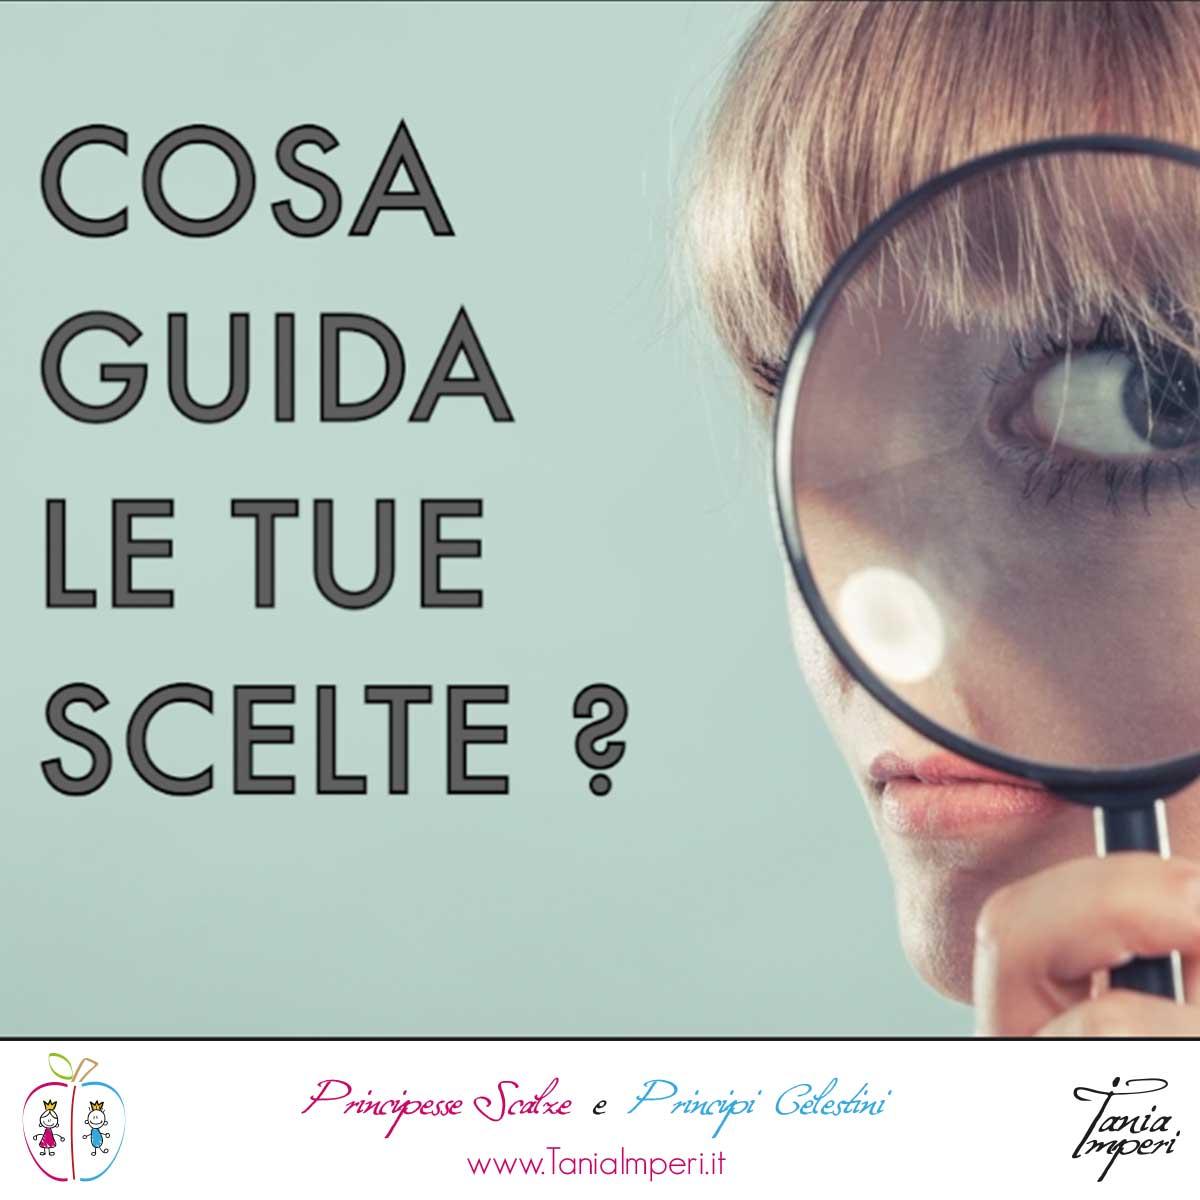 COSA-GUIDA-LE-TUE-SCELTE